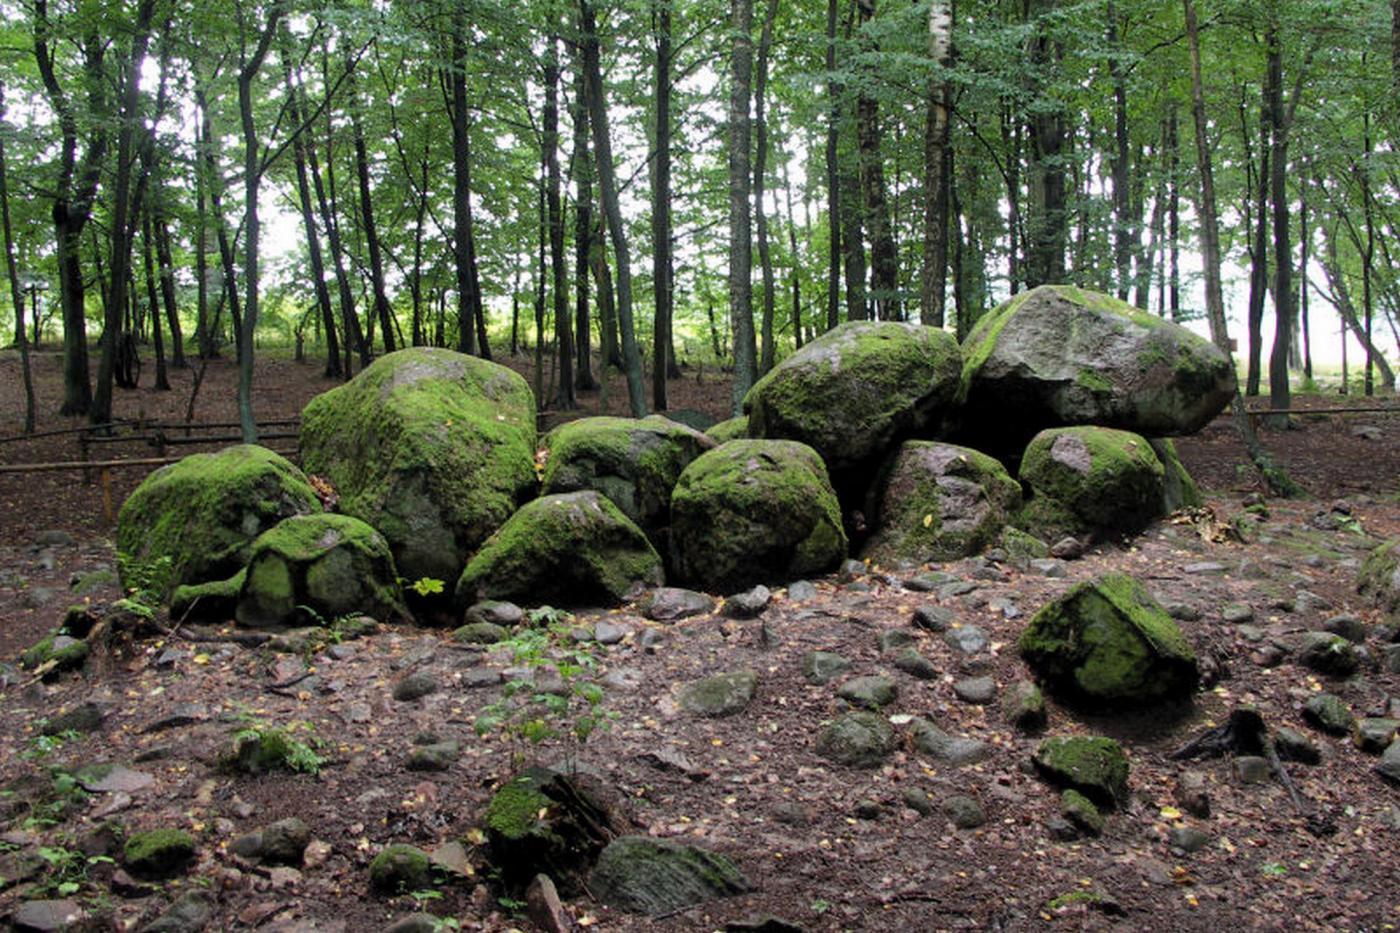 Megality w Borkowie – tajemnicze grobowce sprzed 5 tysięcy lat